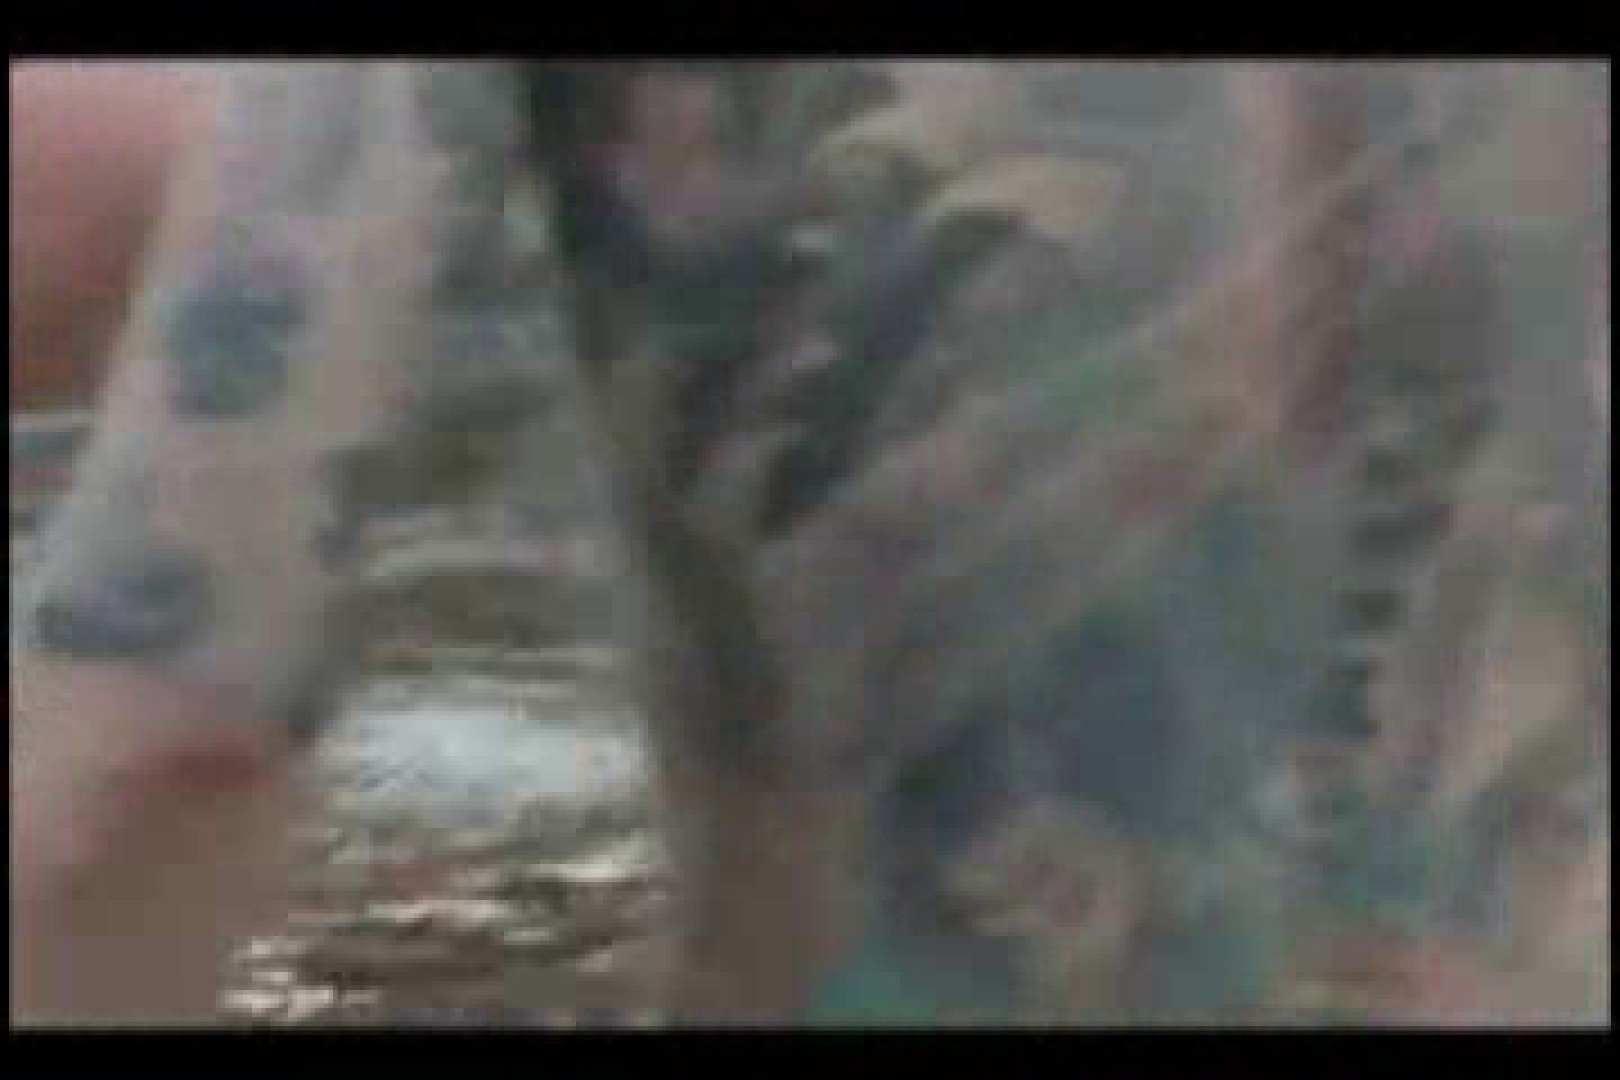 陰間茶屋 男児祭り VOL.2 野外露出動画 | 複数セフレプレイ ゲイ素人エロ画像 88pic 1